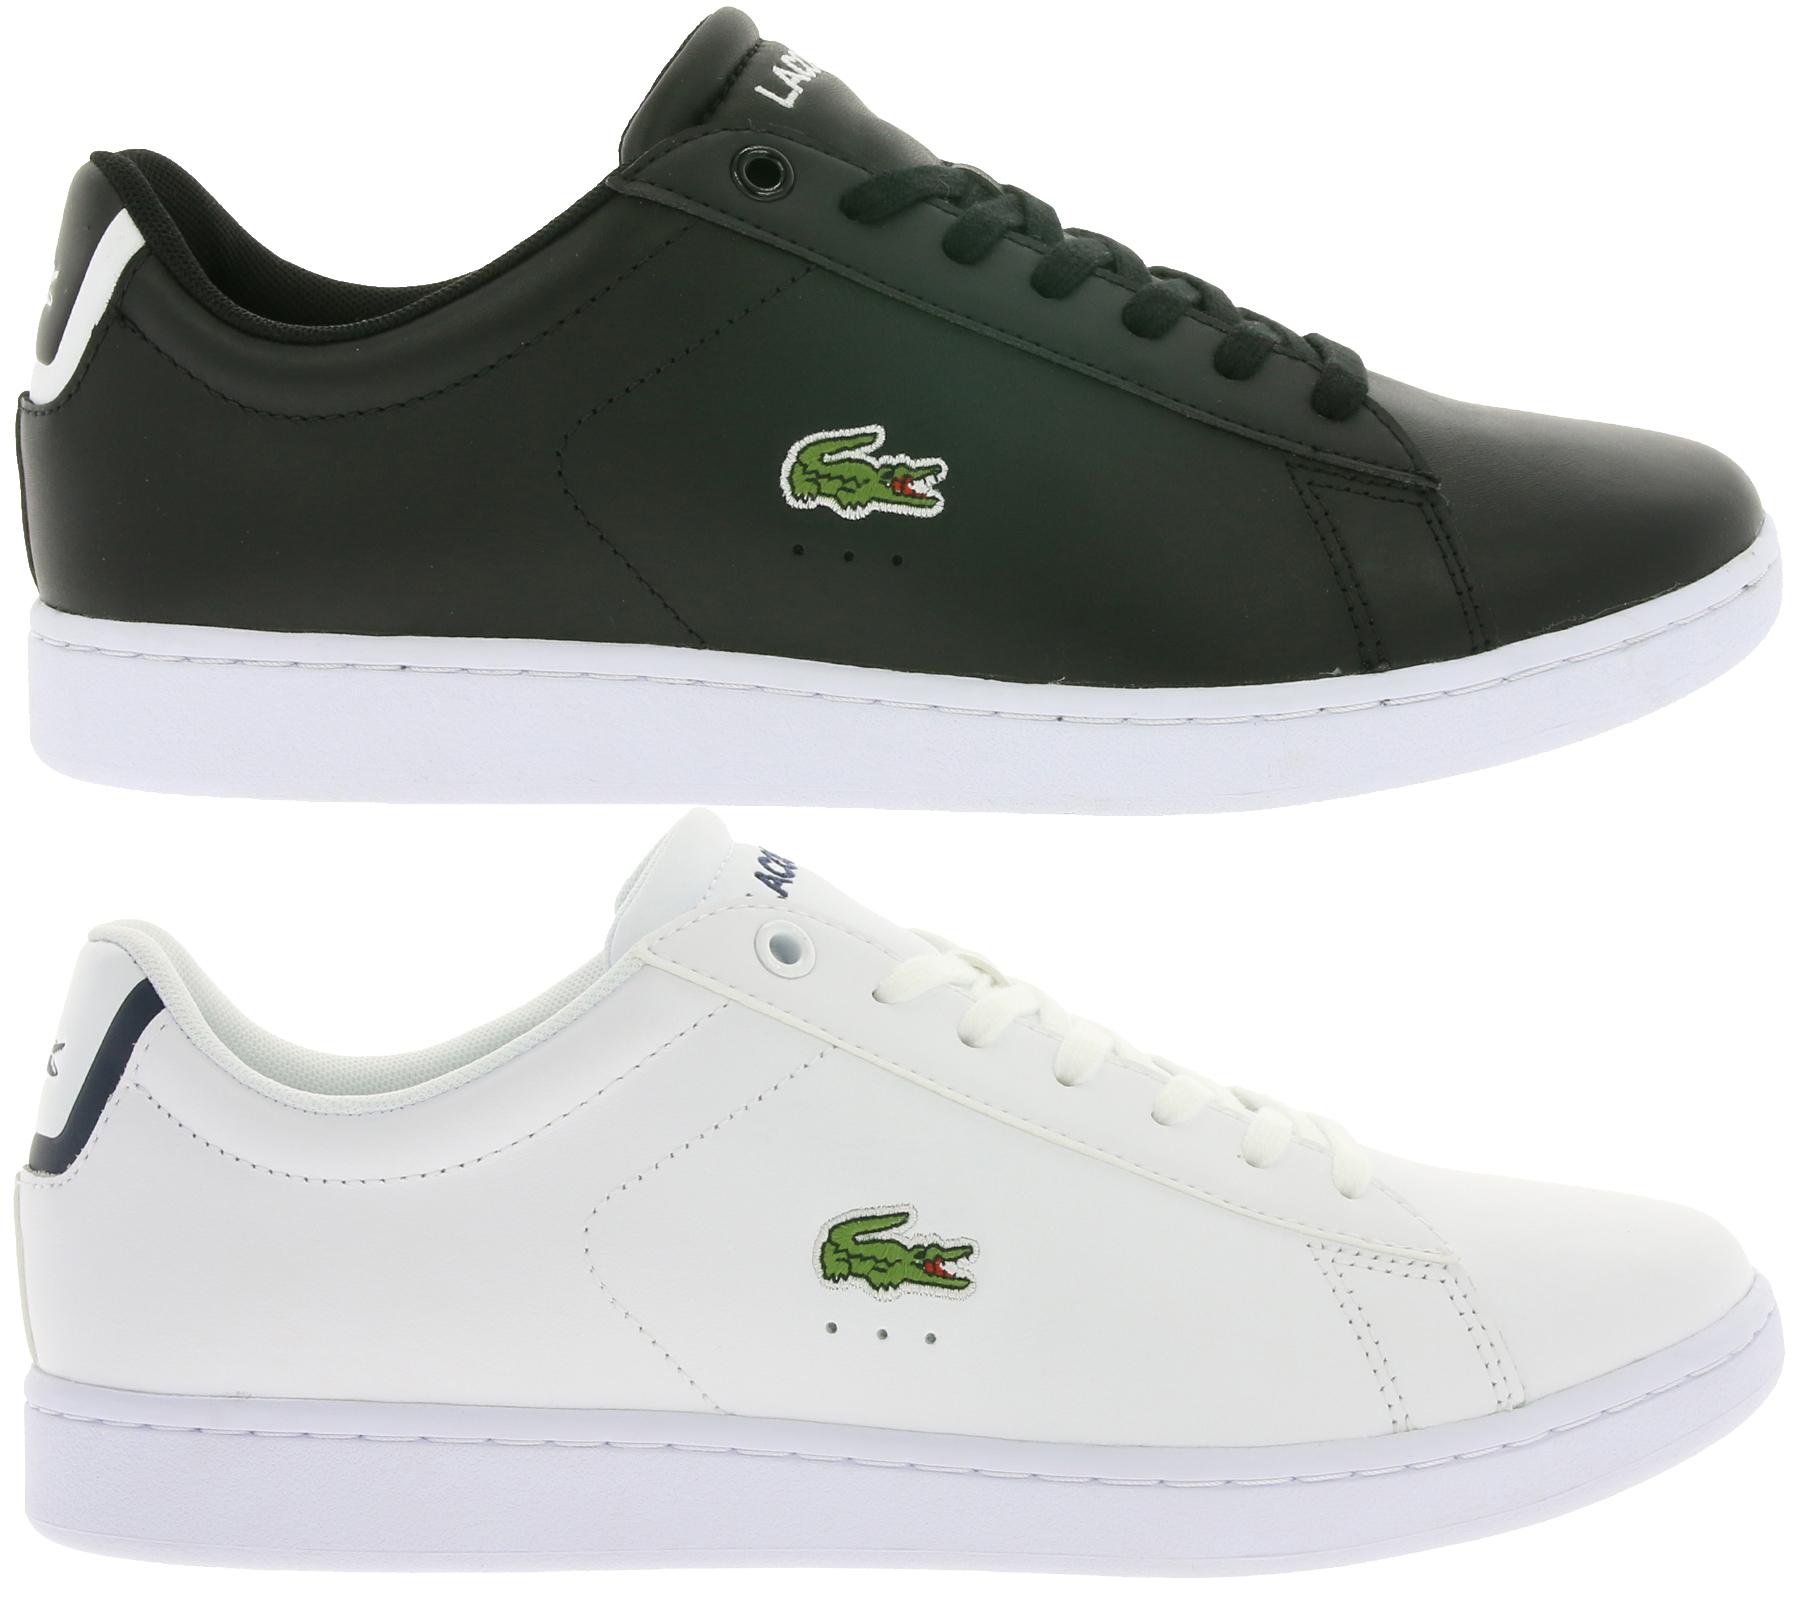 [Outlet46] Lacoste Carnaby Evo BL 1 Herren Sneaker s/w, bis Größe 46